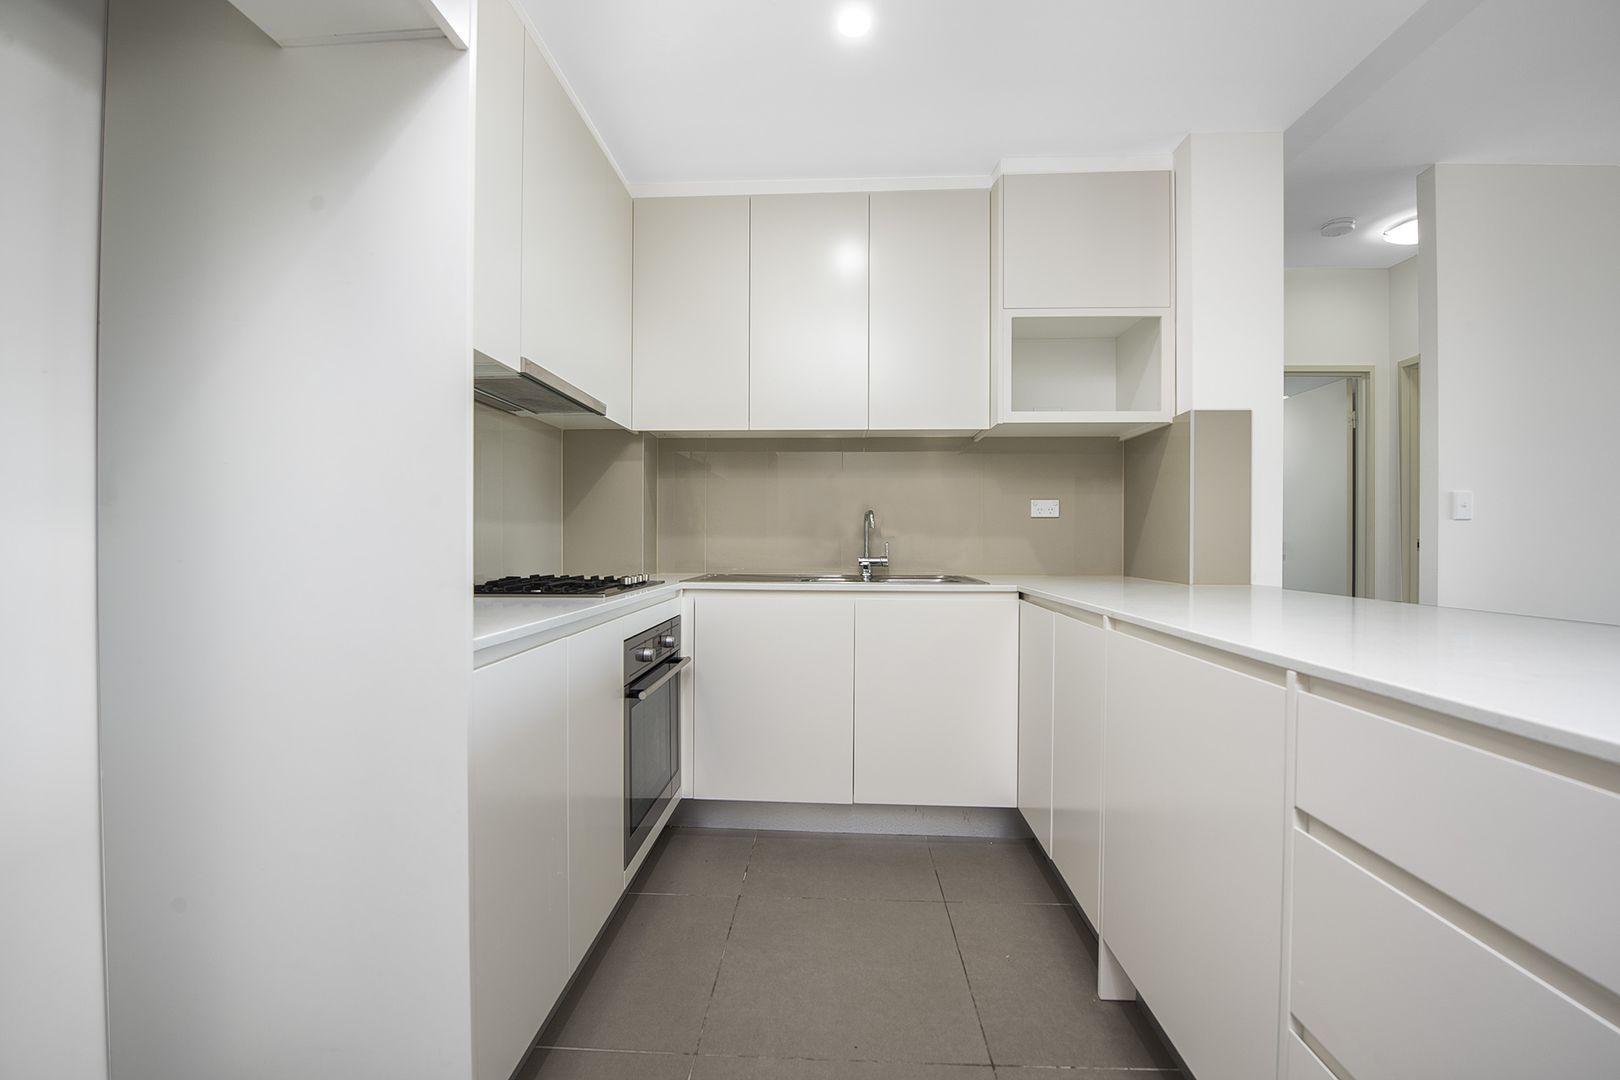 38/2-10 Garnet Street, Rockdale NSW 2216, Image 0